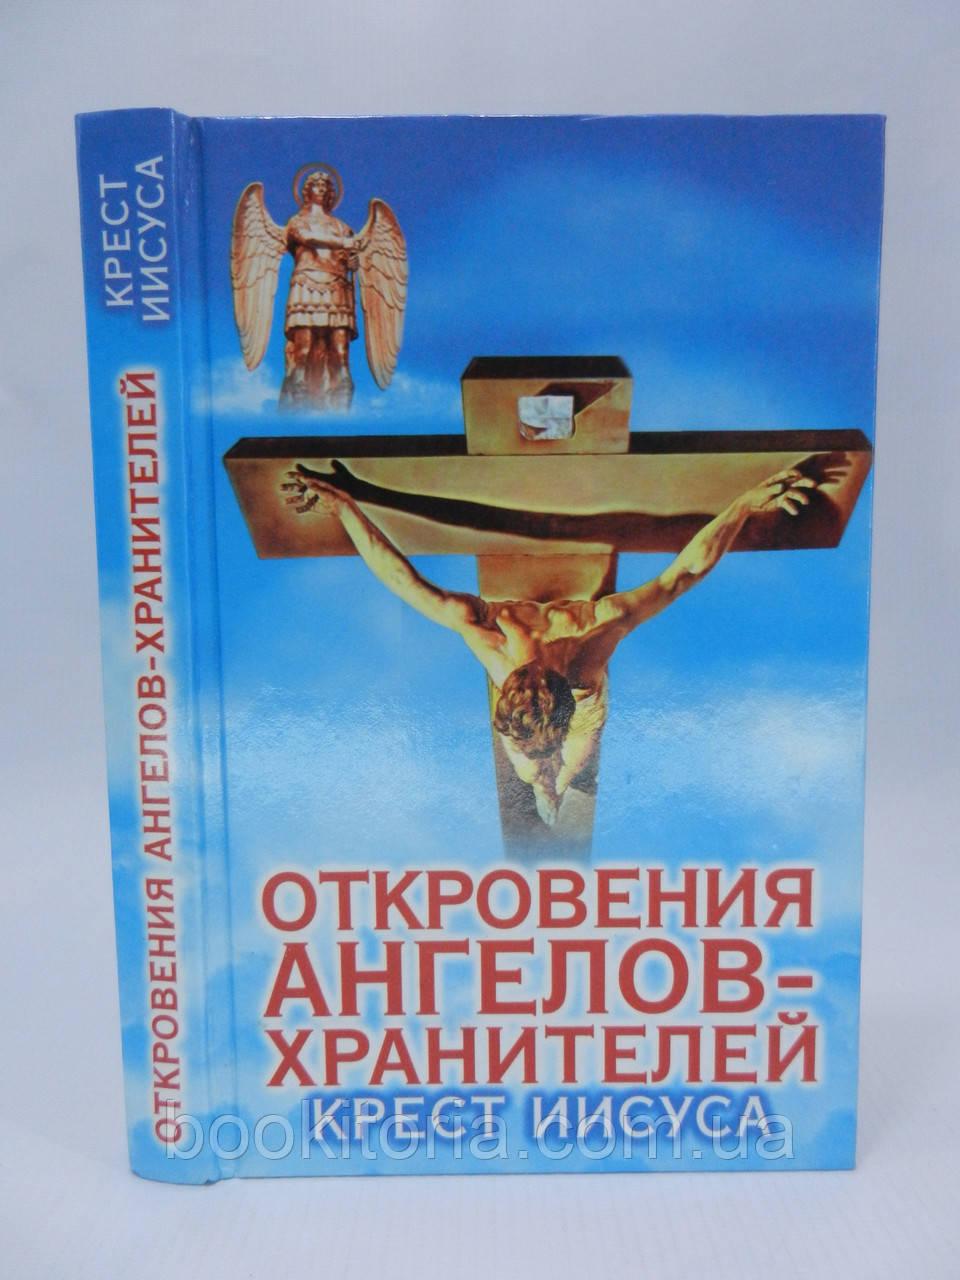 Гарифзянов Р.И. Откровения ангелов-хранителей. Крест Иисуса (б/у).